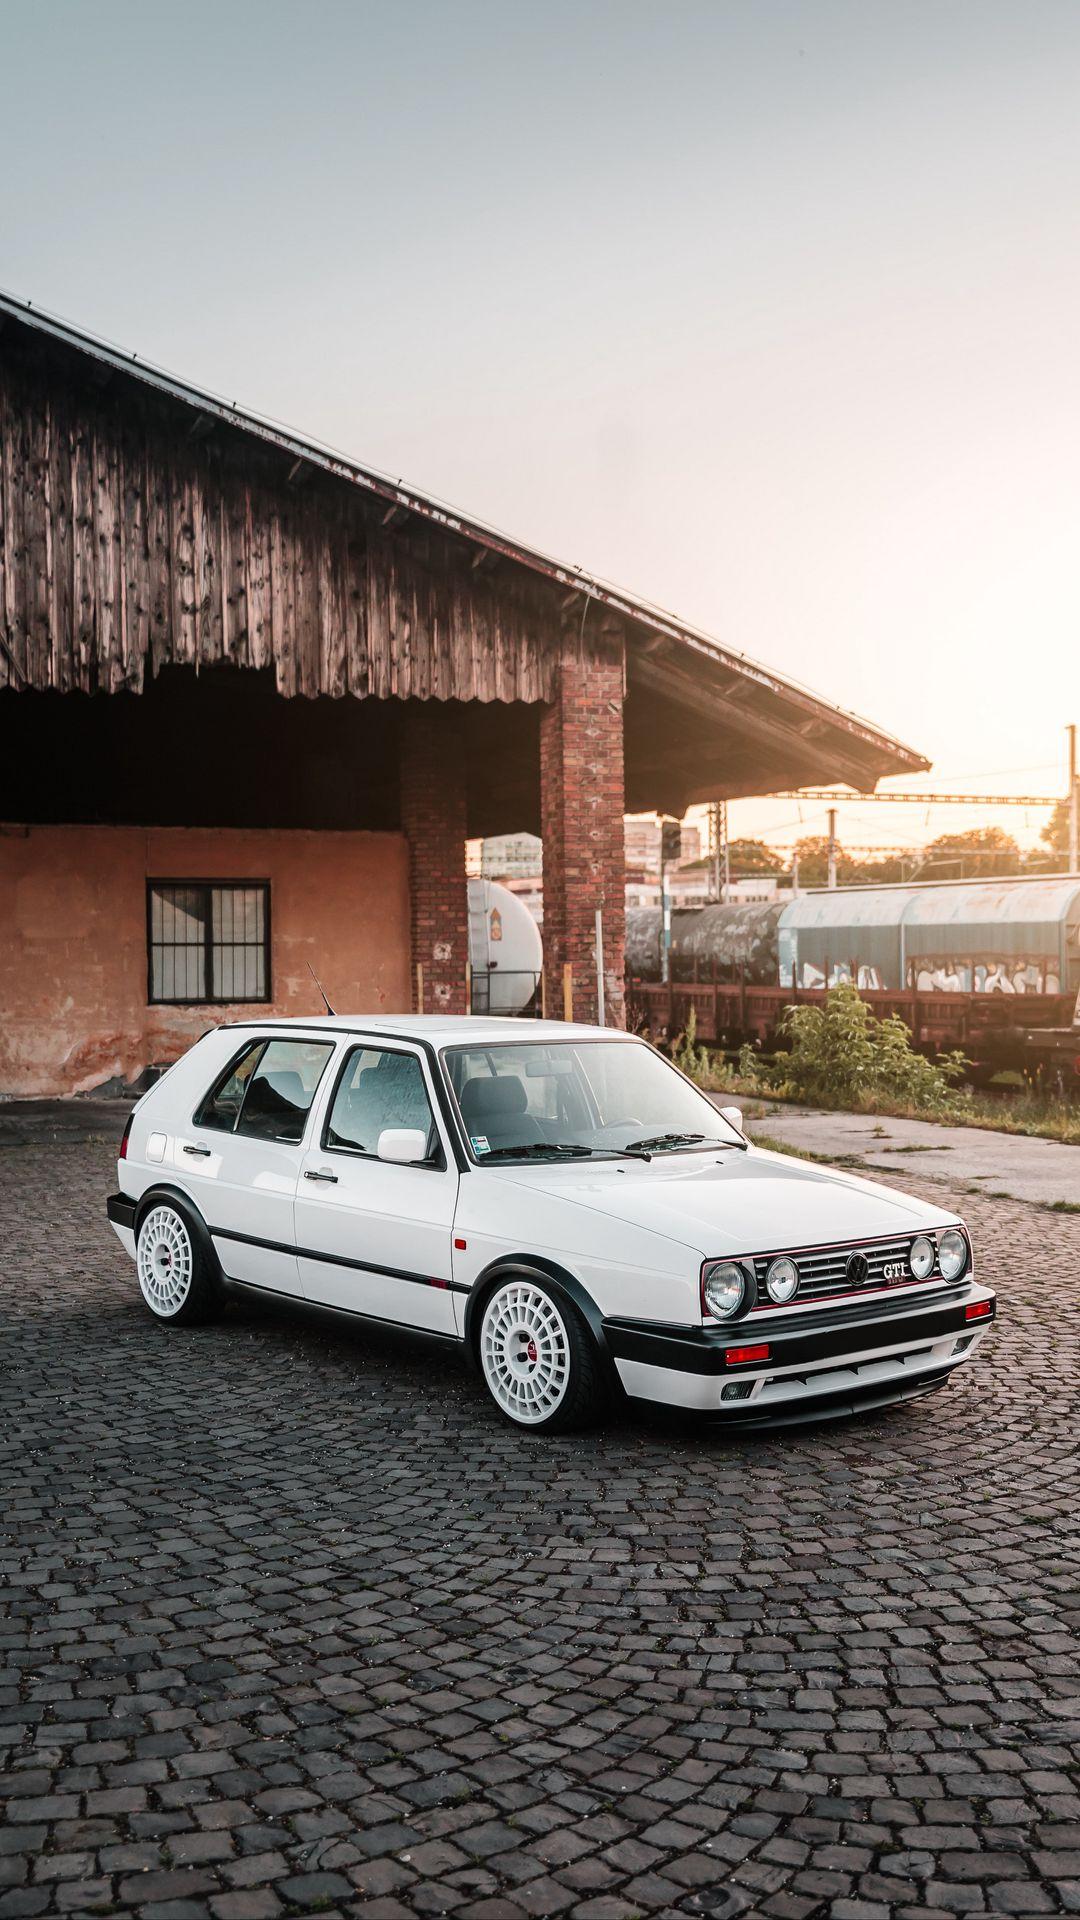 Volkswagen Vintage Wallpapers Free Download